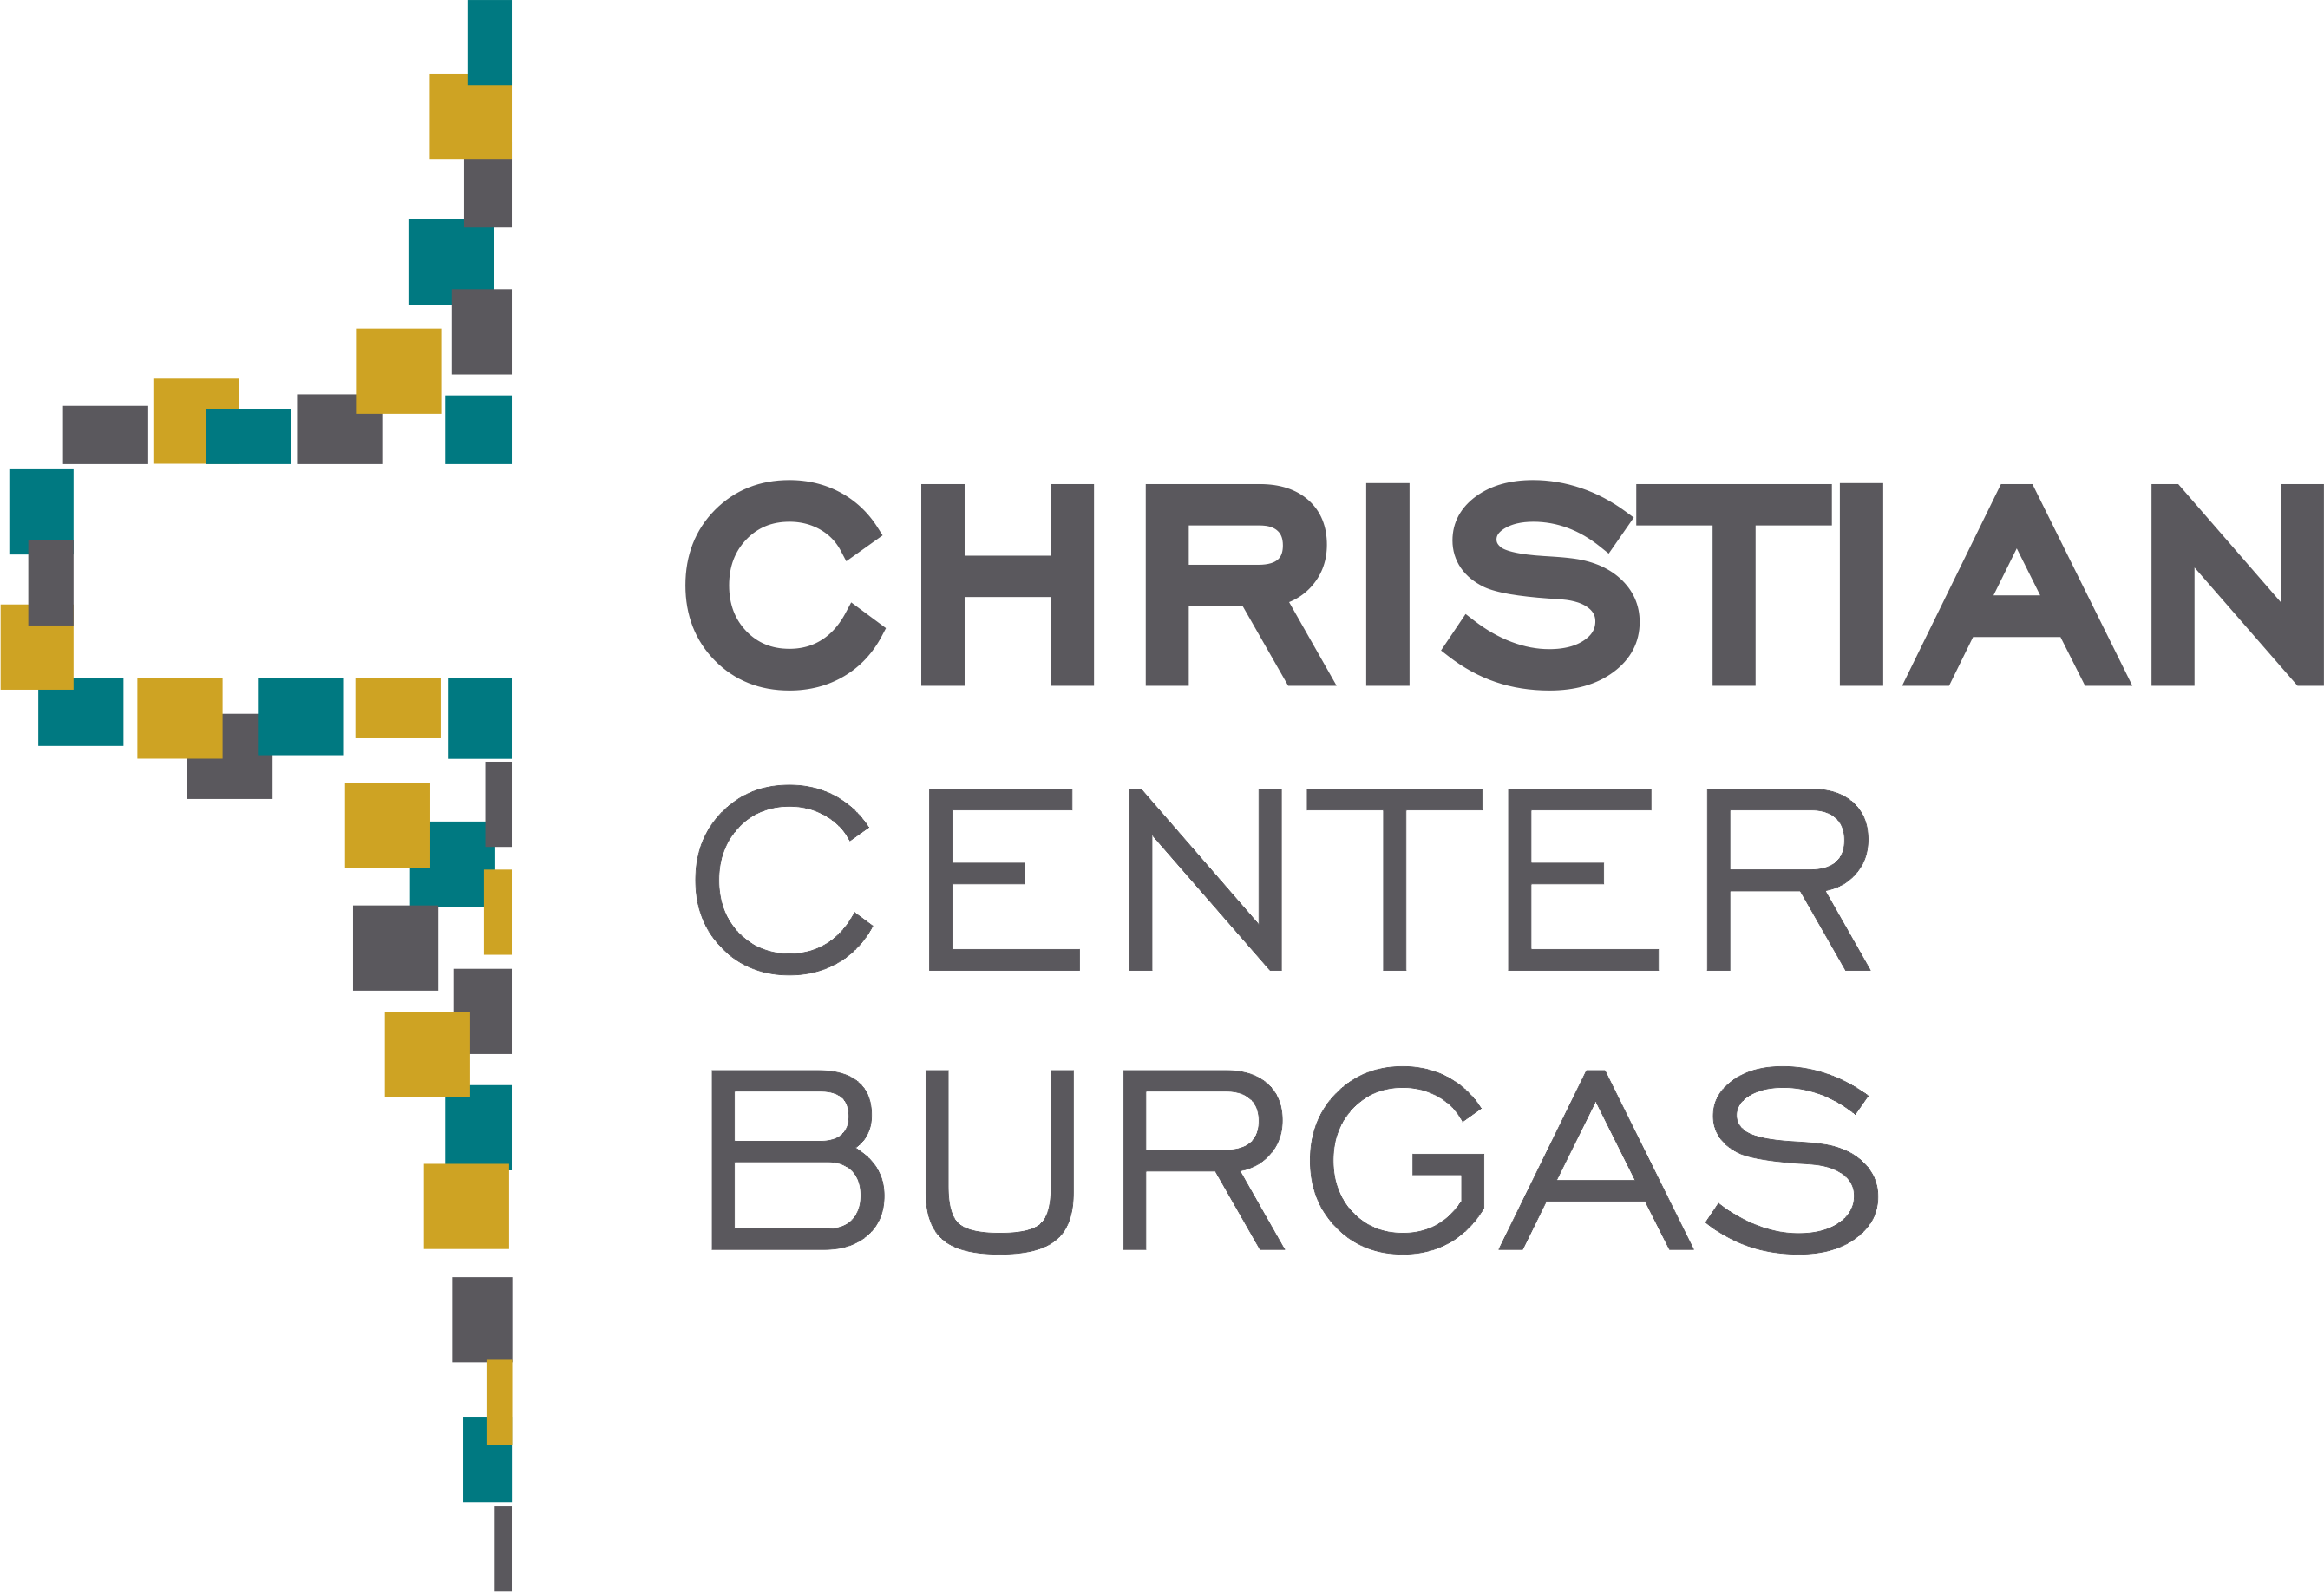 Christian Center Burgas